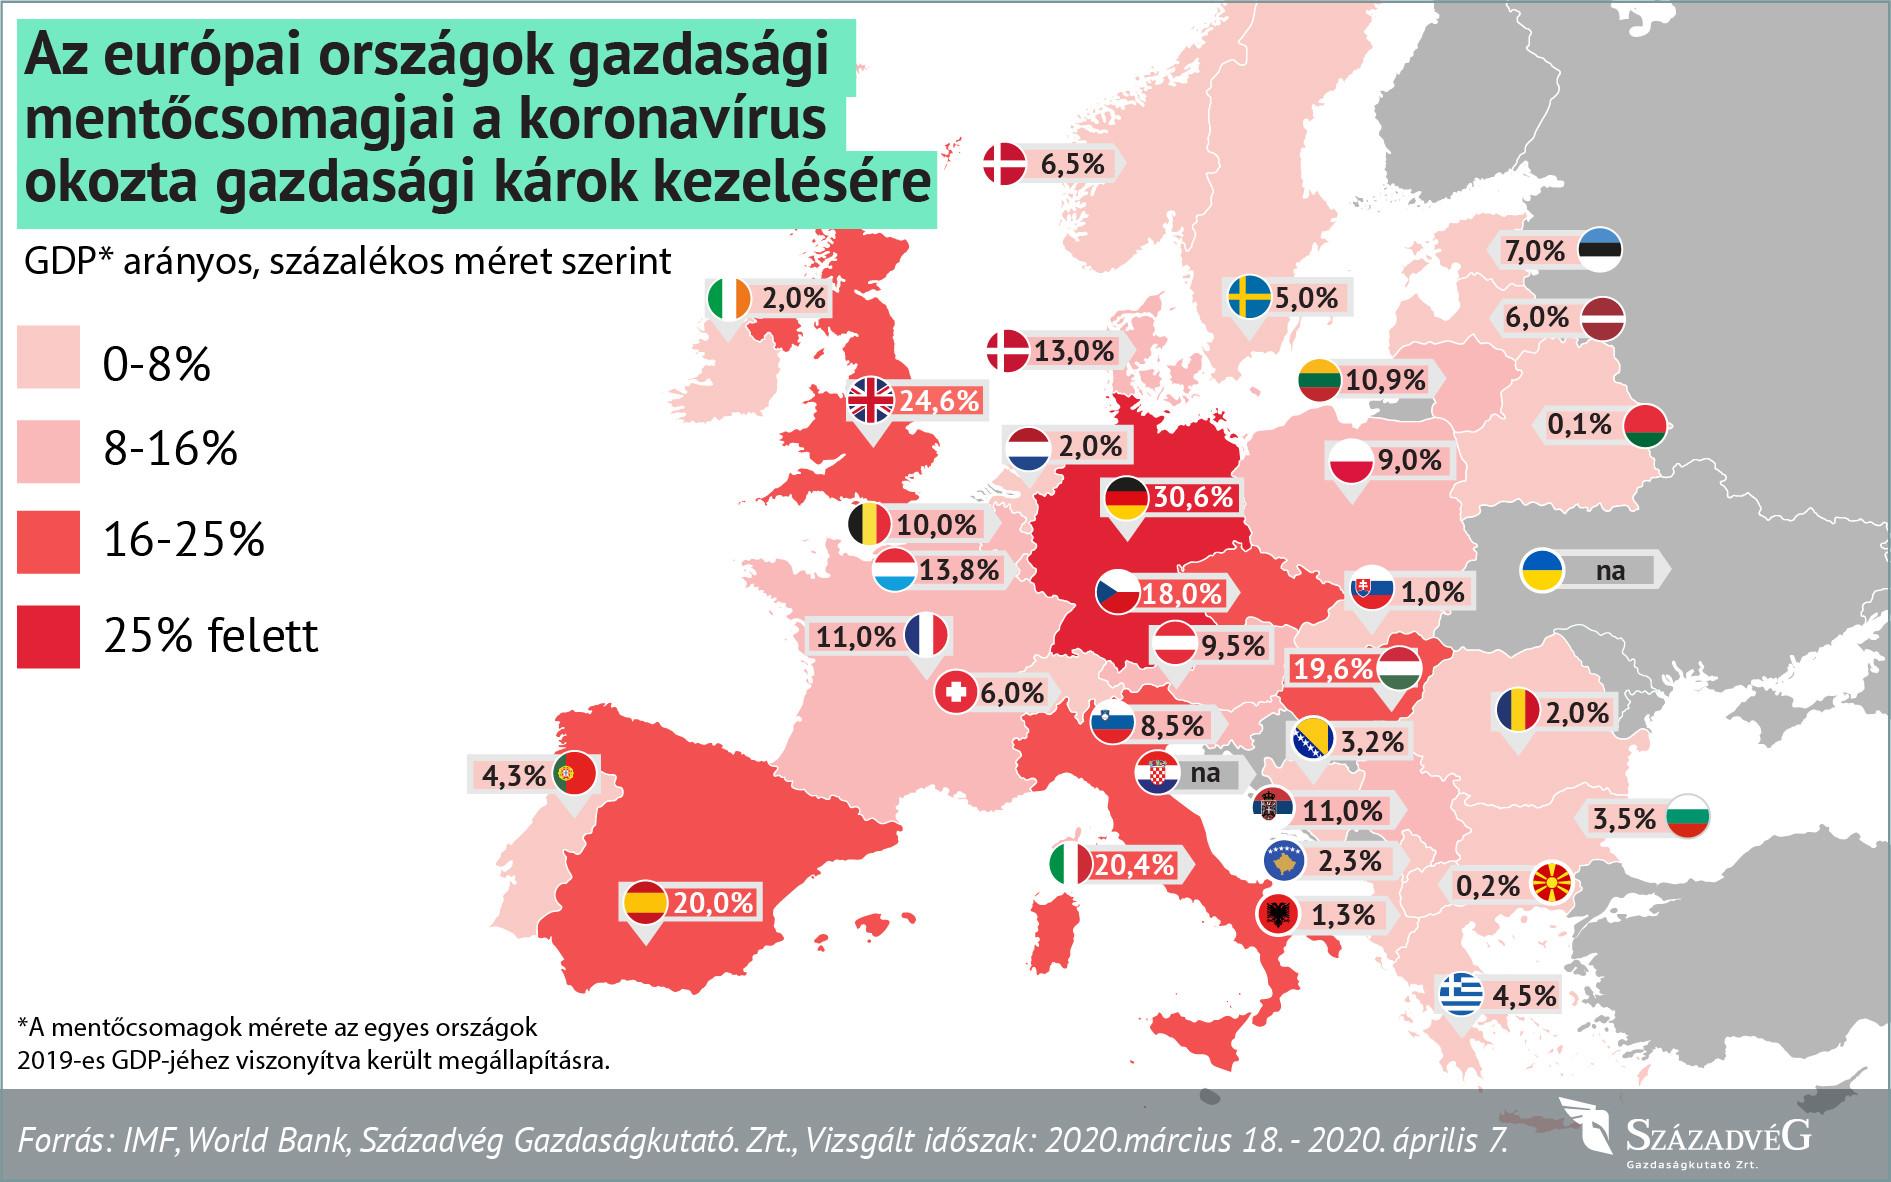 A magyar gazdasági mentőcsomag európai viszonylatban is kiemelkedő elszántságot tükröz